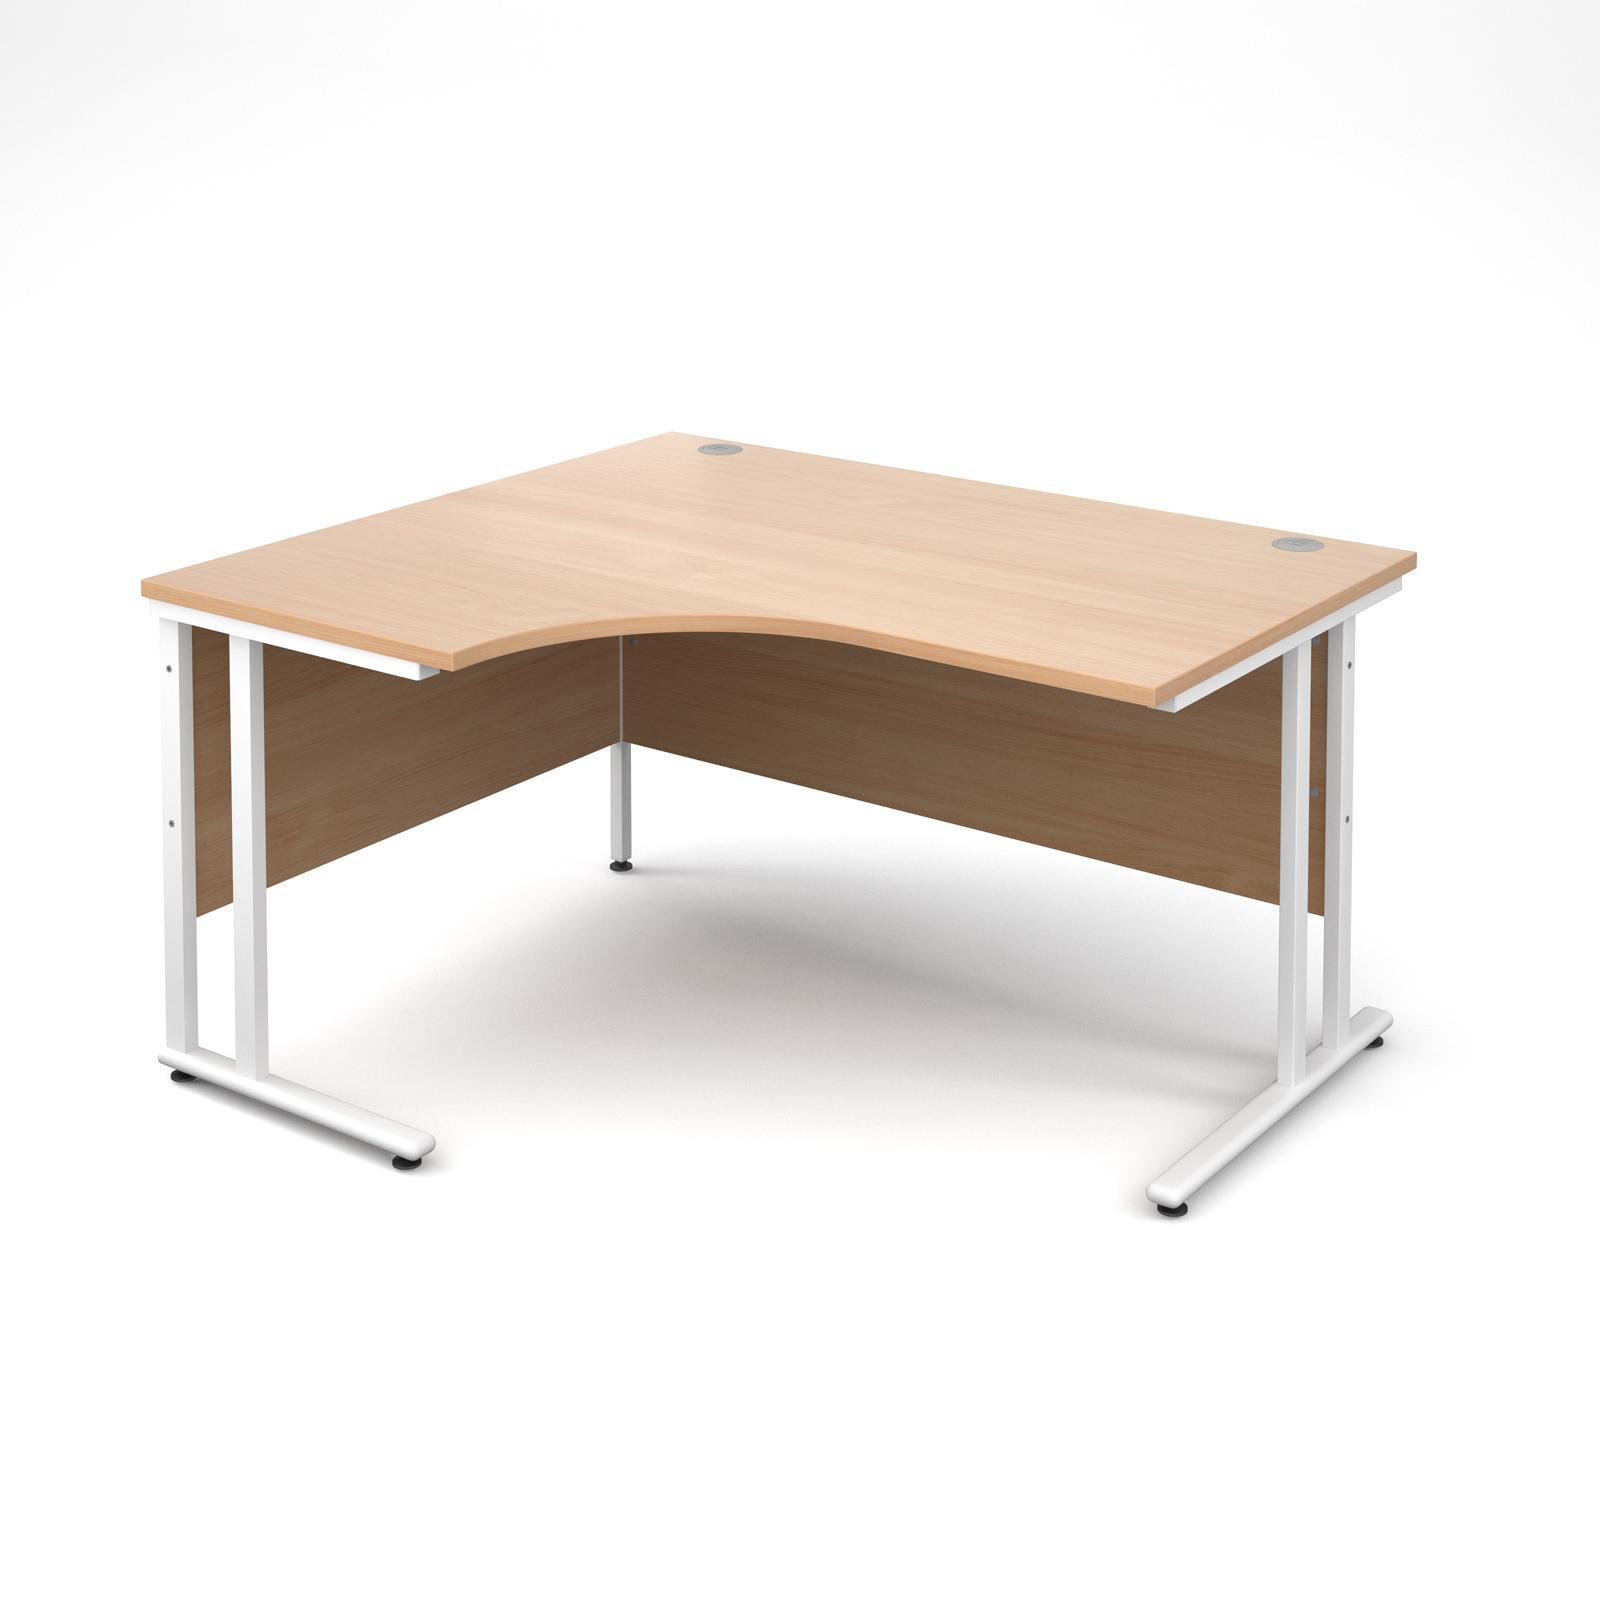 Maestro 25 WL left hand ergonomic desk 1400mm - white cantilever frame, beech top